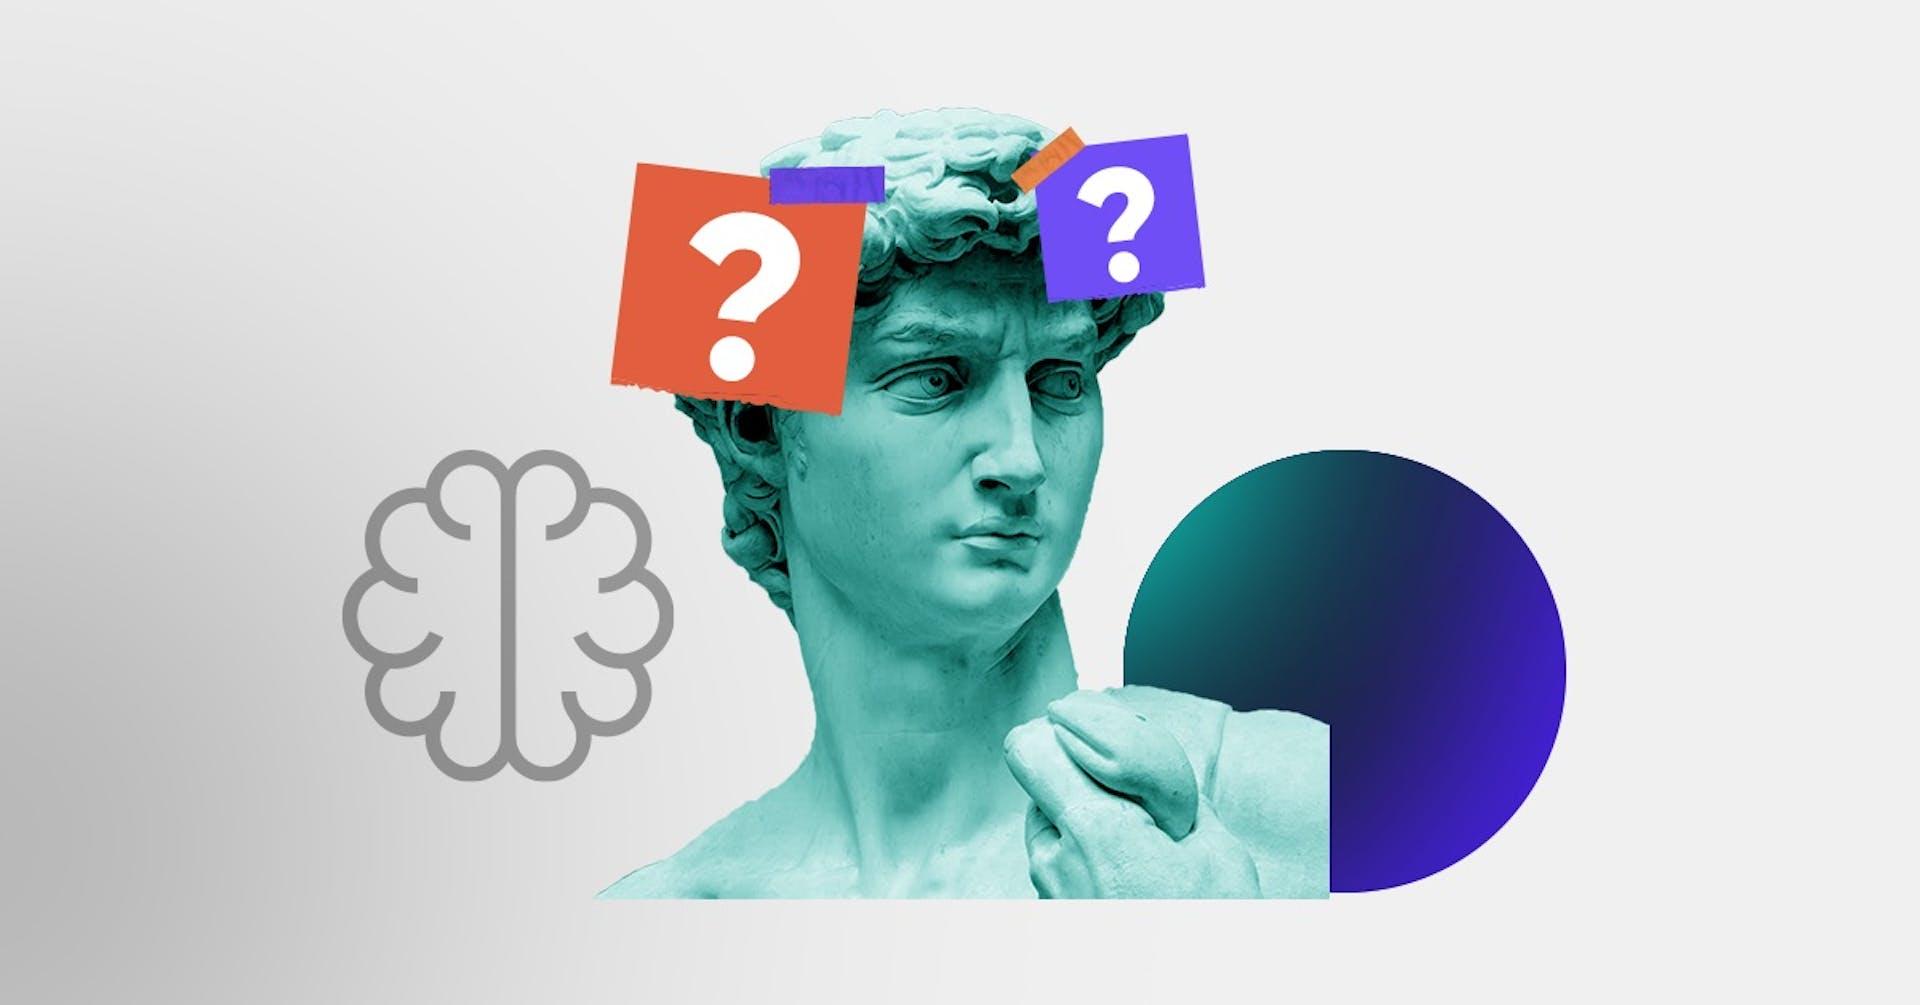 Reestructuración cognitiva: ¡Dale otro enfoque a tus problemas!